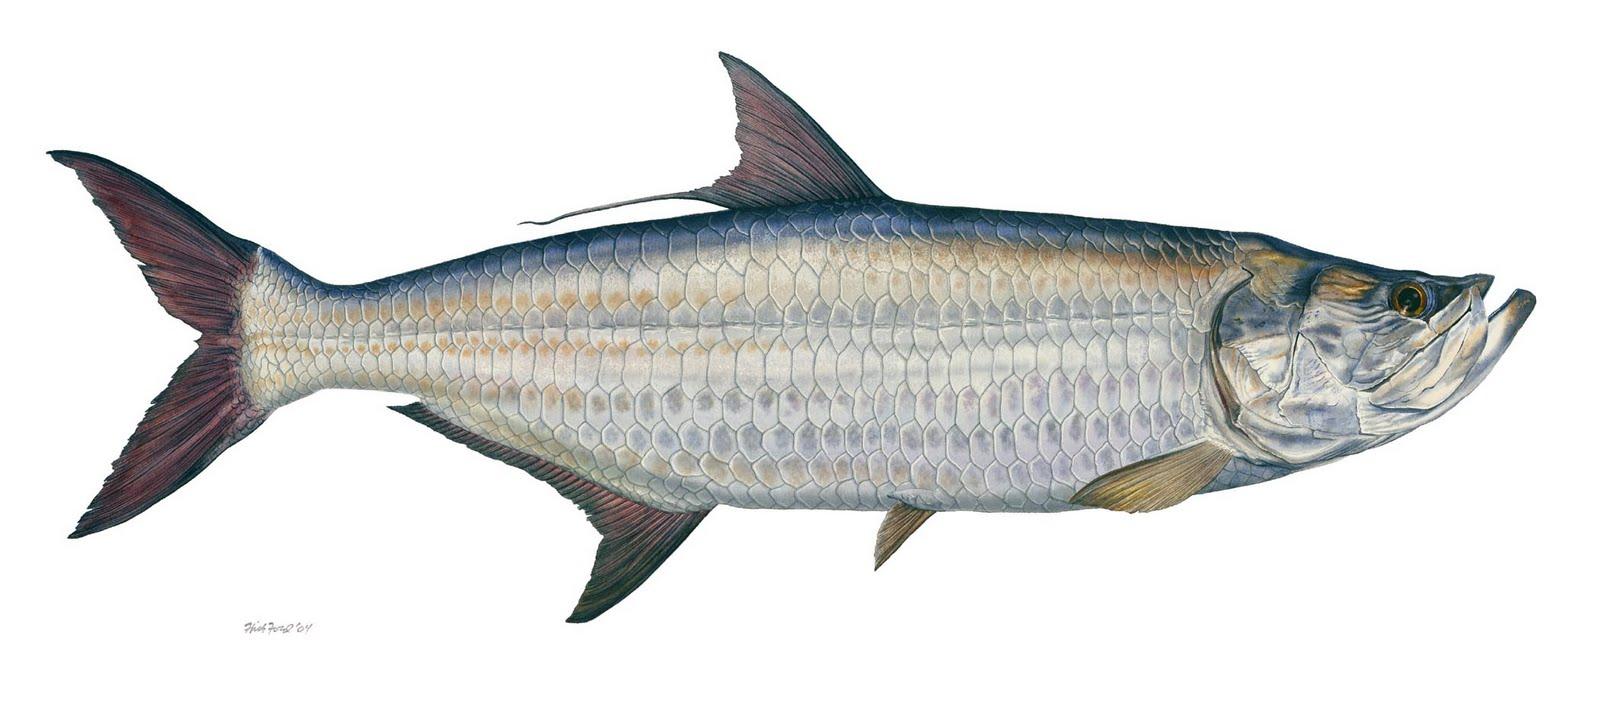 April 2013 randomfishblog for Fish fish fish fish fish